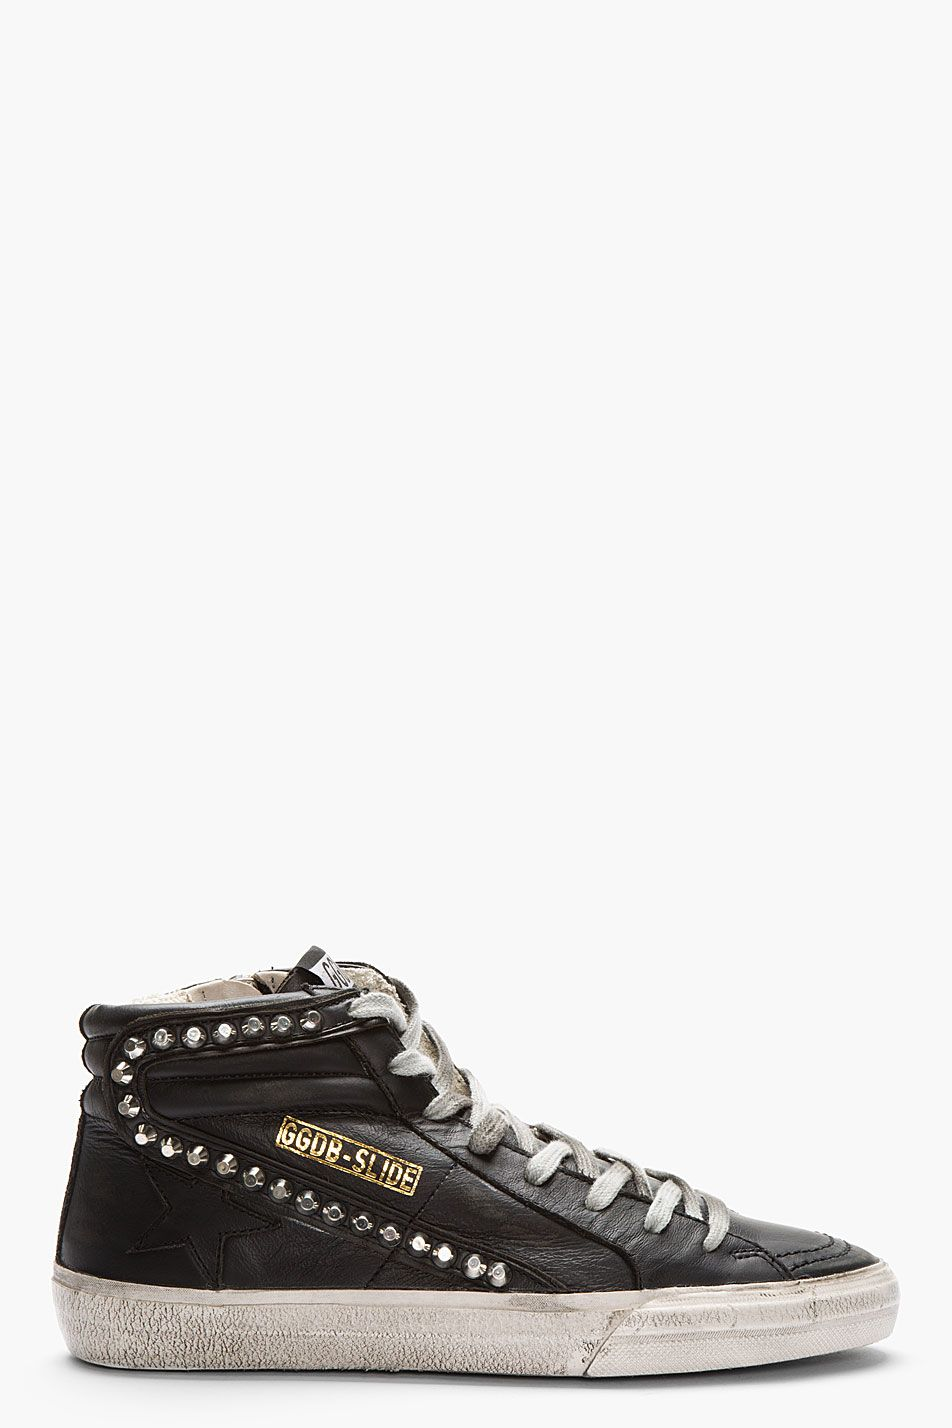 Golden Goose Black Leather Studded Slide Sneakers